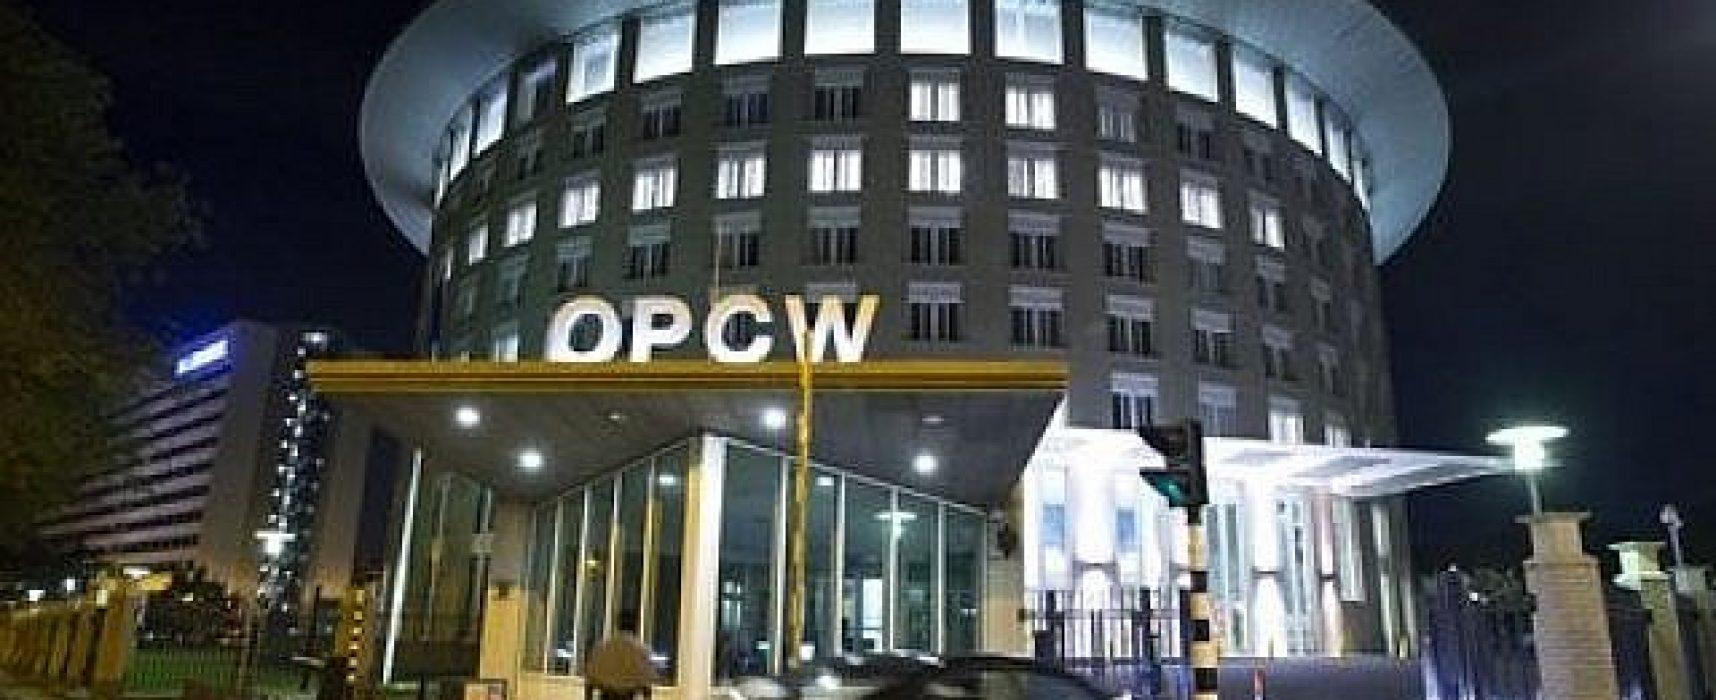 Фейк Первого канала: бывшие сотрудники ОЗХО обвиняют организацию в подтасовке фактов о химической атаке в Сирии